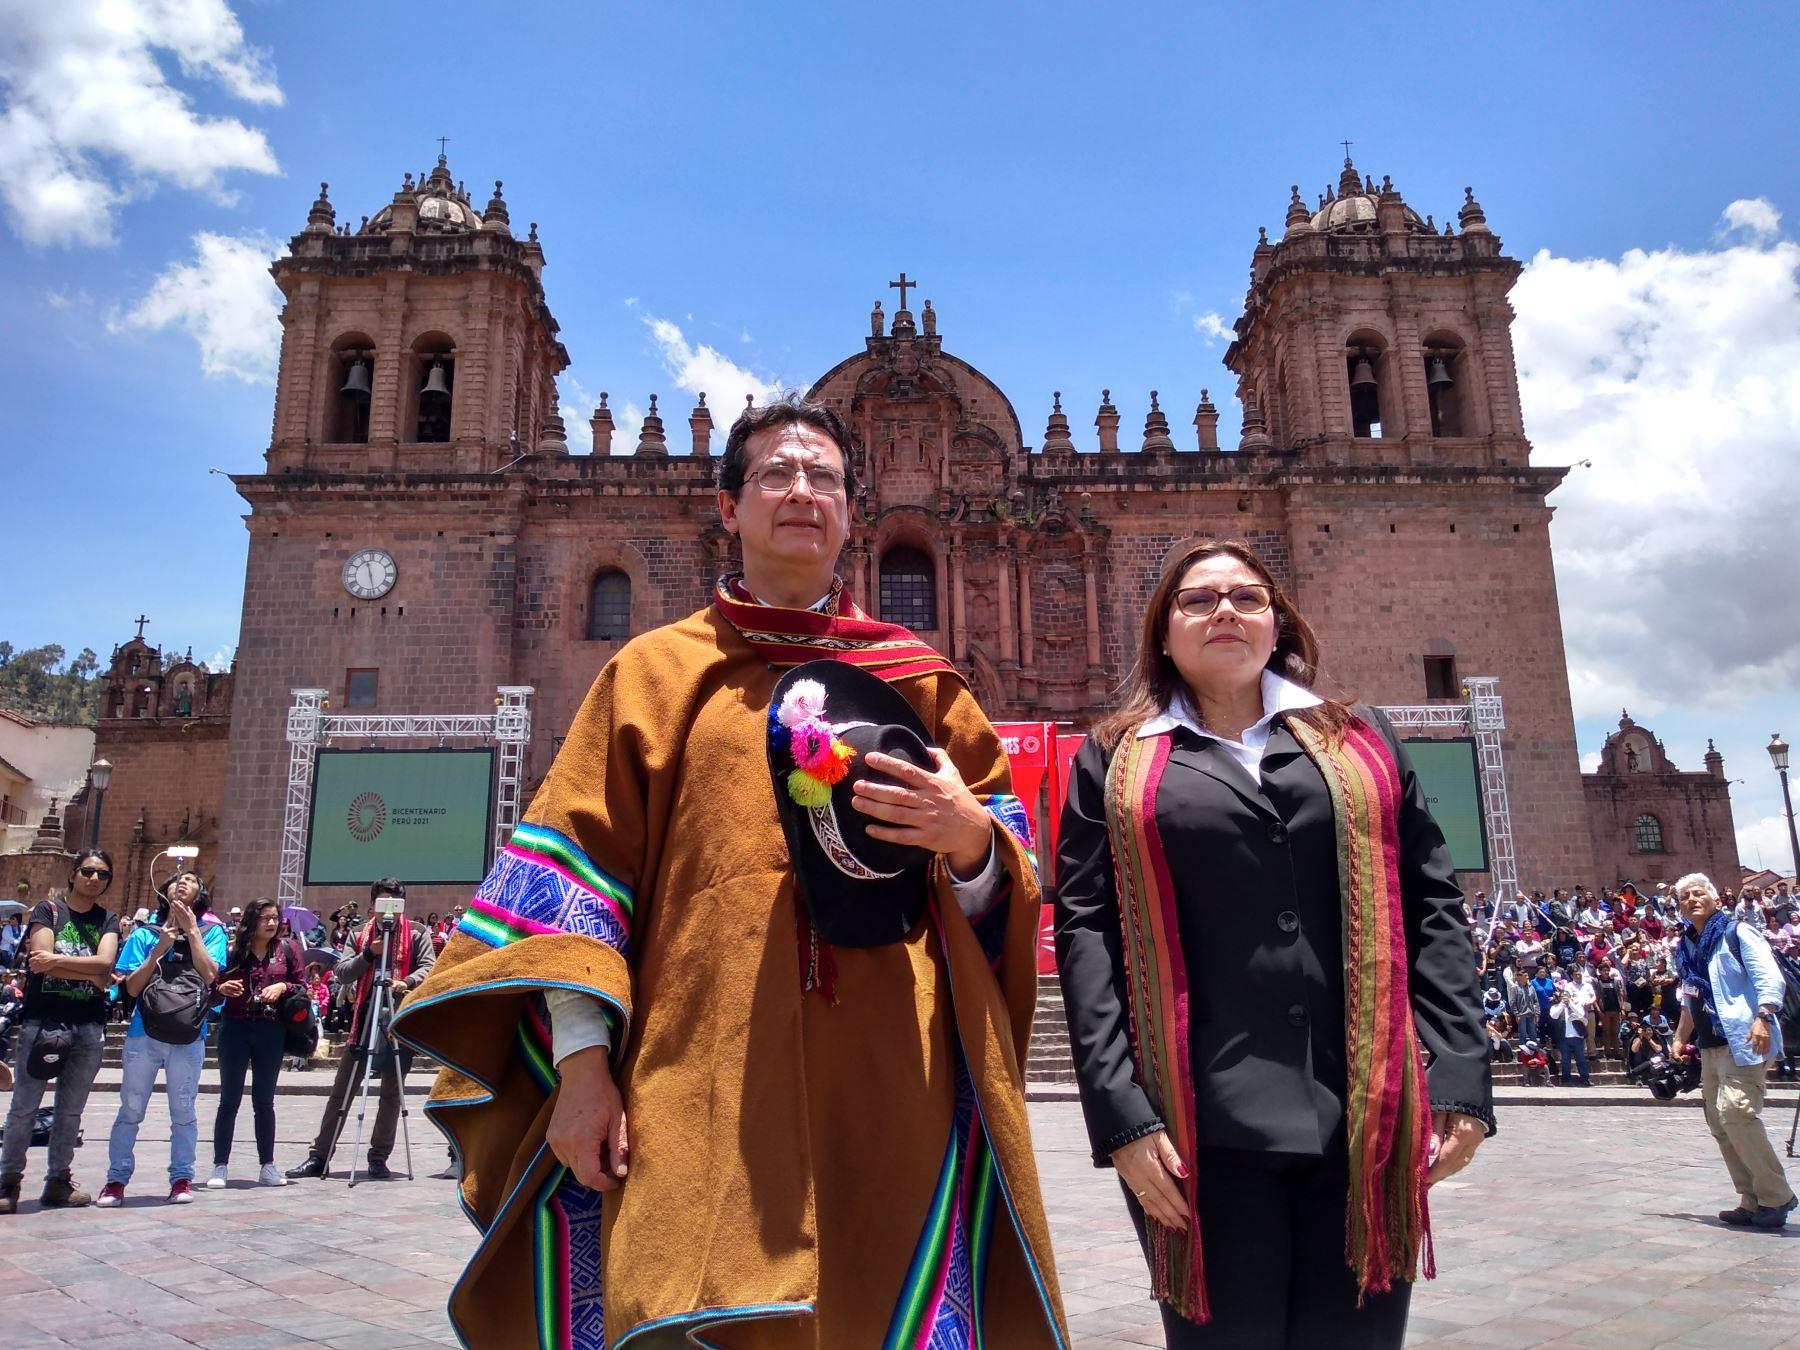 Ministra de la Mujer, Ana Mendieta, participó en el lanzamiento de la Agenda Bicentenario: todas y todos debemos comprometernos para ser un Perú con igualdad, sin violencia para las mujeres en el Cusco .Foto: ANDINA/Percy Hurtado Santillán